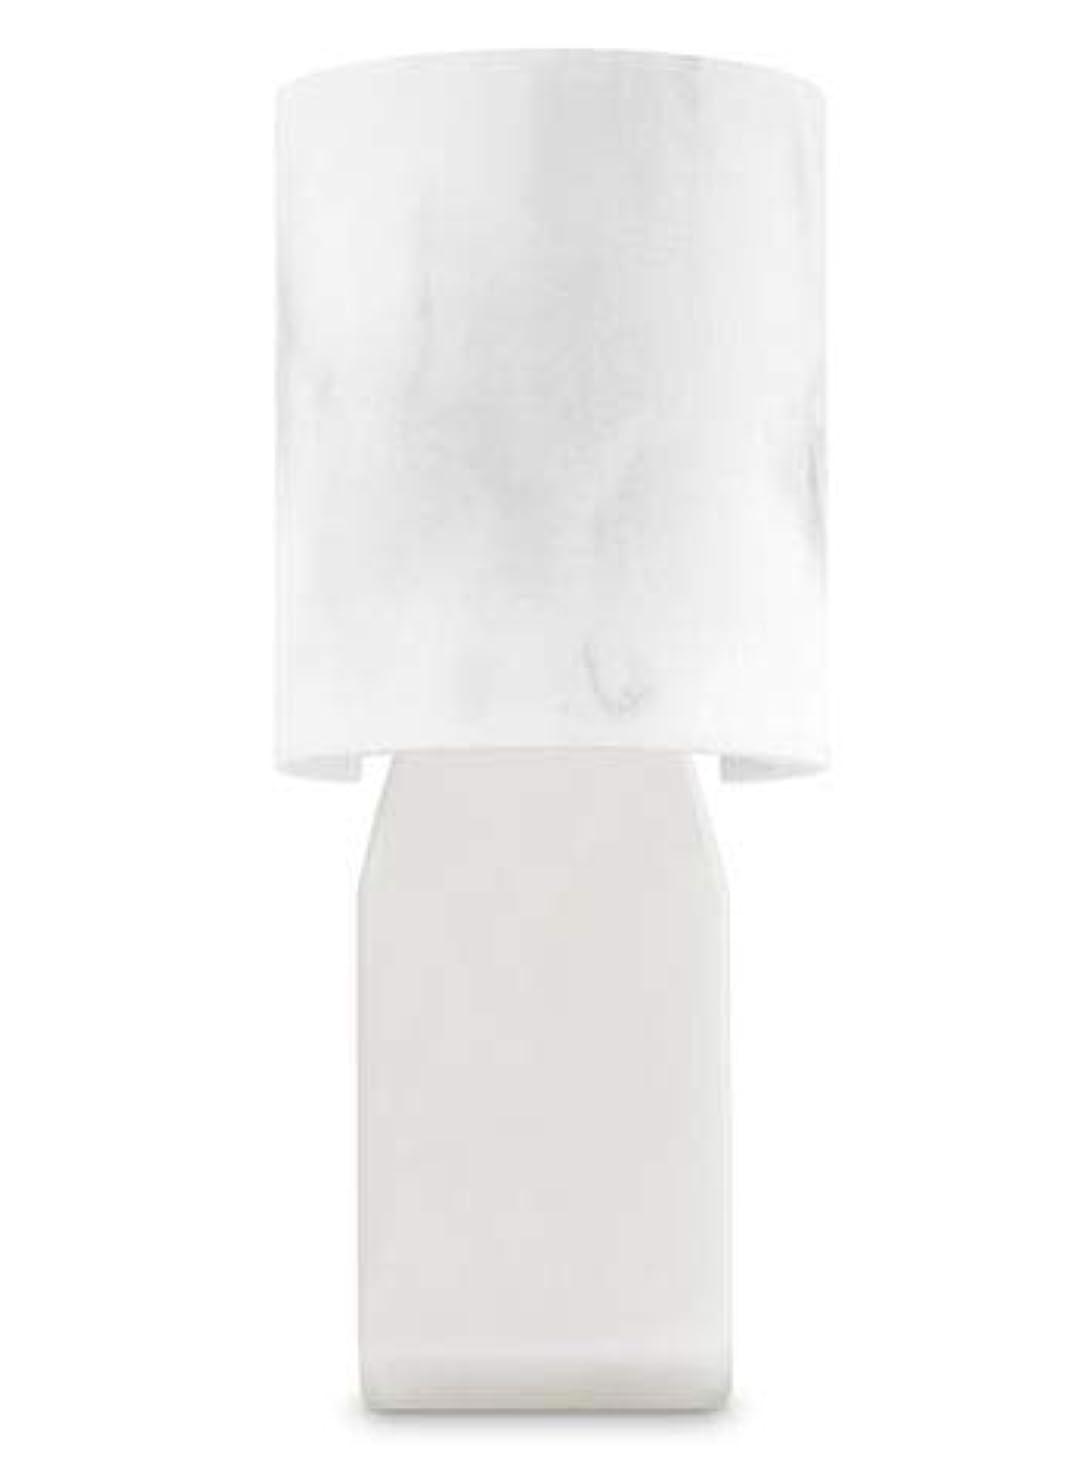 電気のピル薬用【Bath&Body Works/バス&ボディワークス】 ルームフレグランス プラグインスターター (本体のみ) 大理石風 Wallflowers Fragrance Plug Faux Marble [並行輸入品]